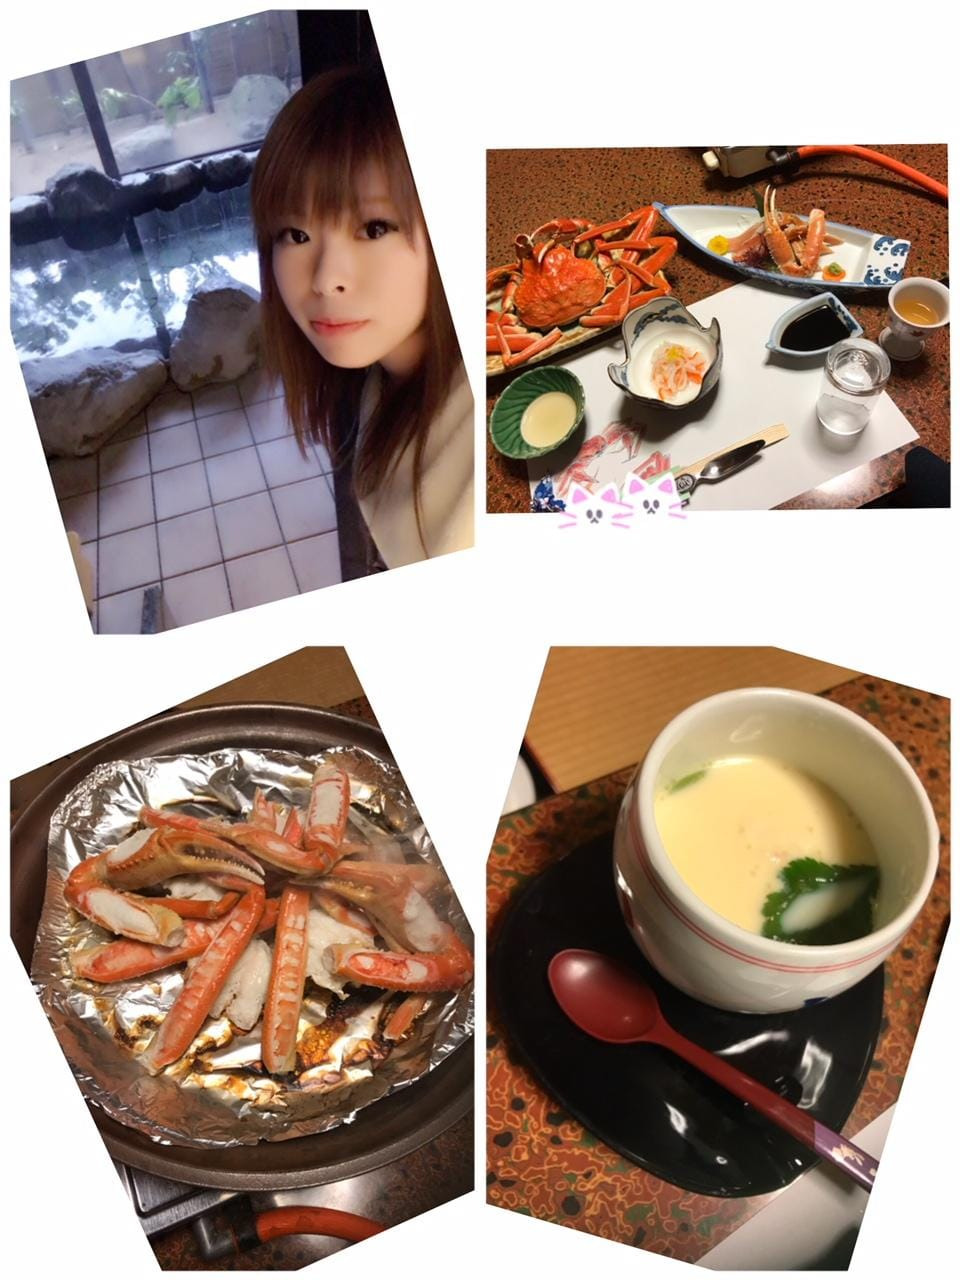 https://s3-ap-northeast-1.amazonaws.com/files.fuzoku.jp/img/shop/kamign/diary/14408885/d_0_20180105072653077.jpeg